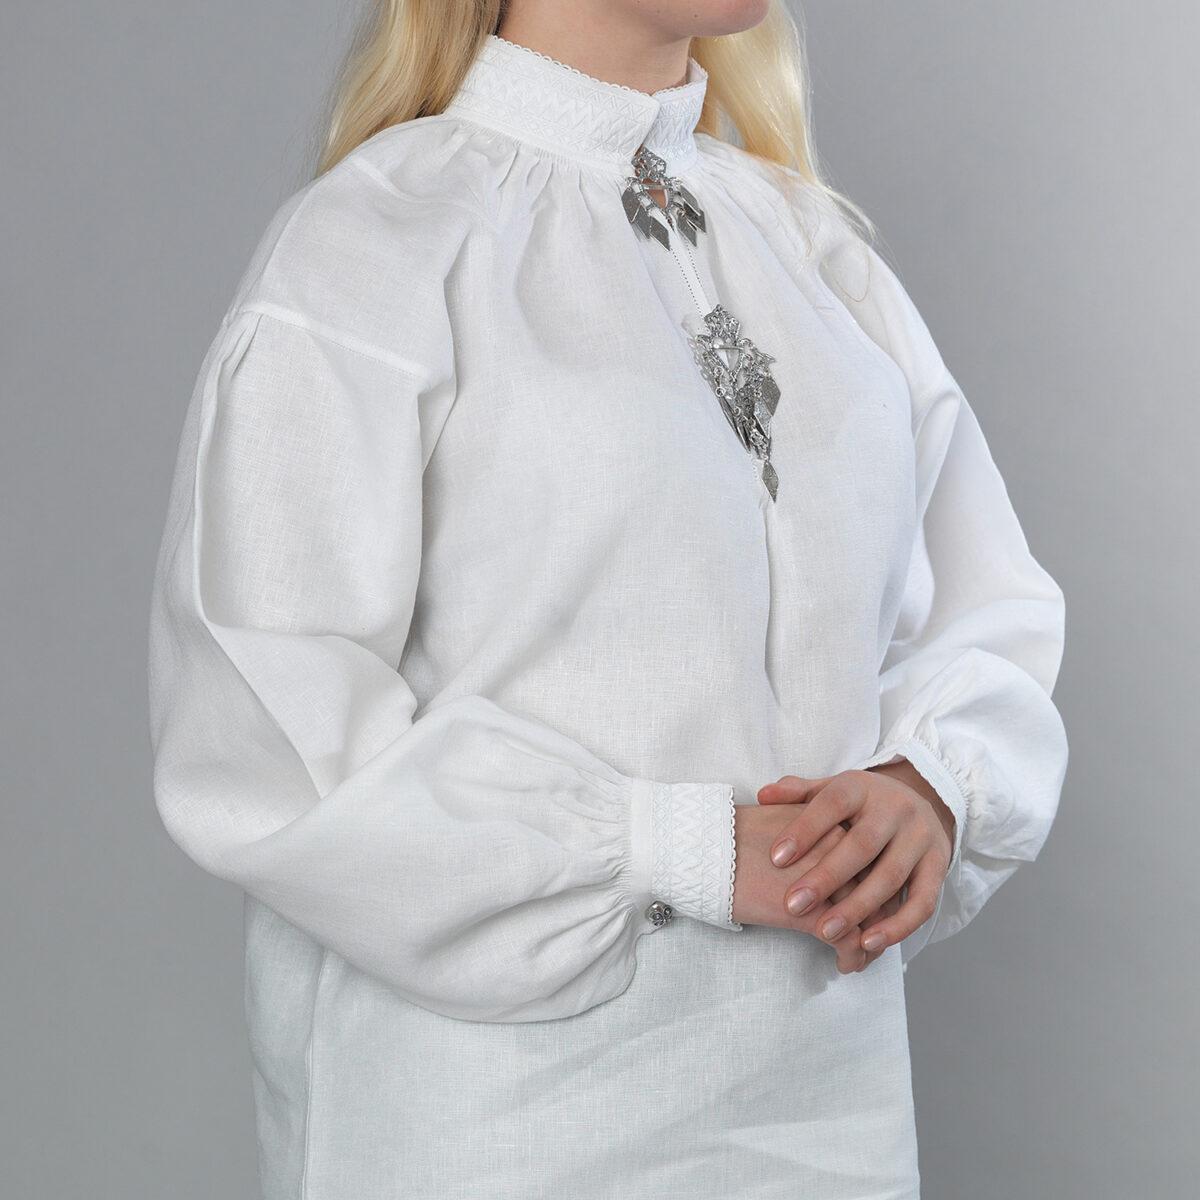 Romerike linskjorte, sikksakk-480